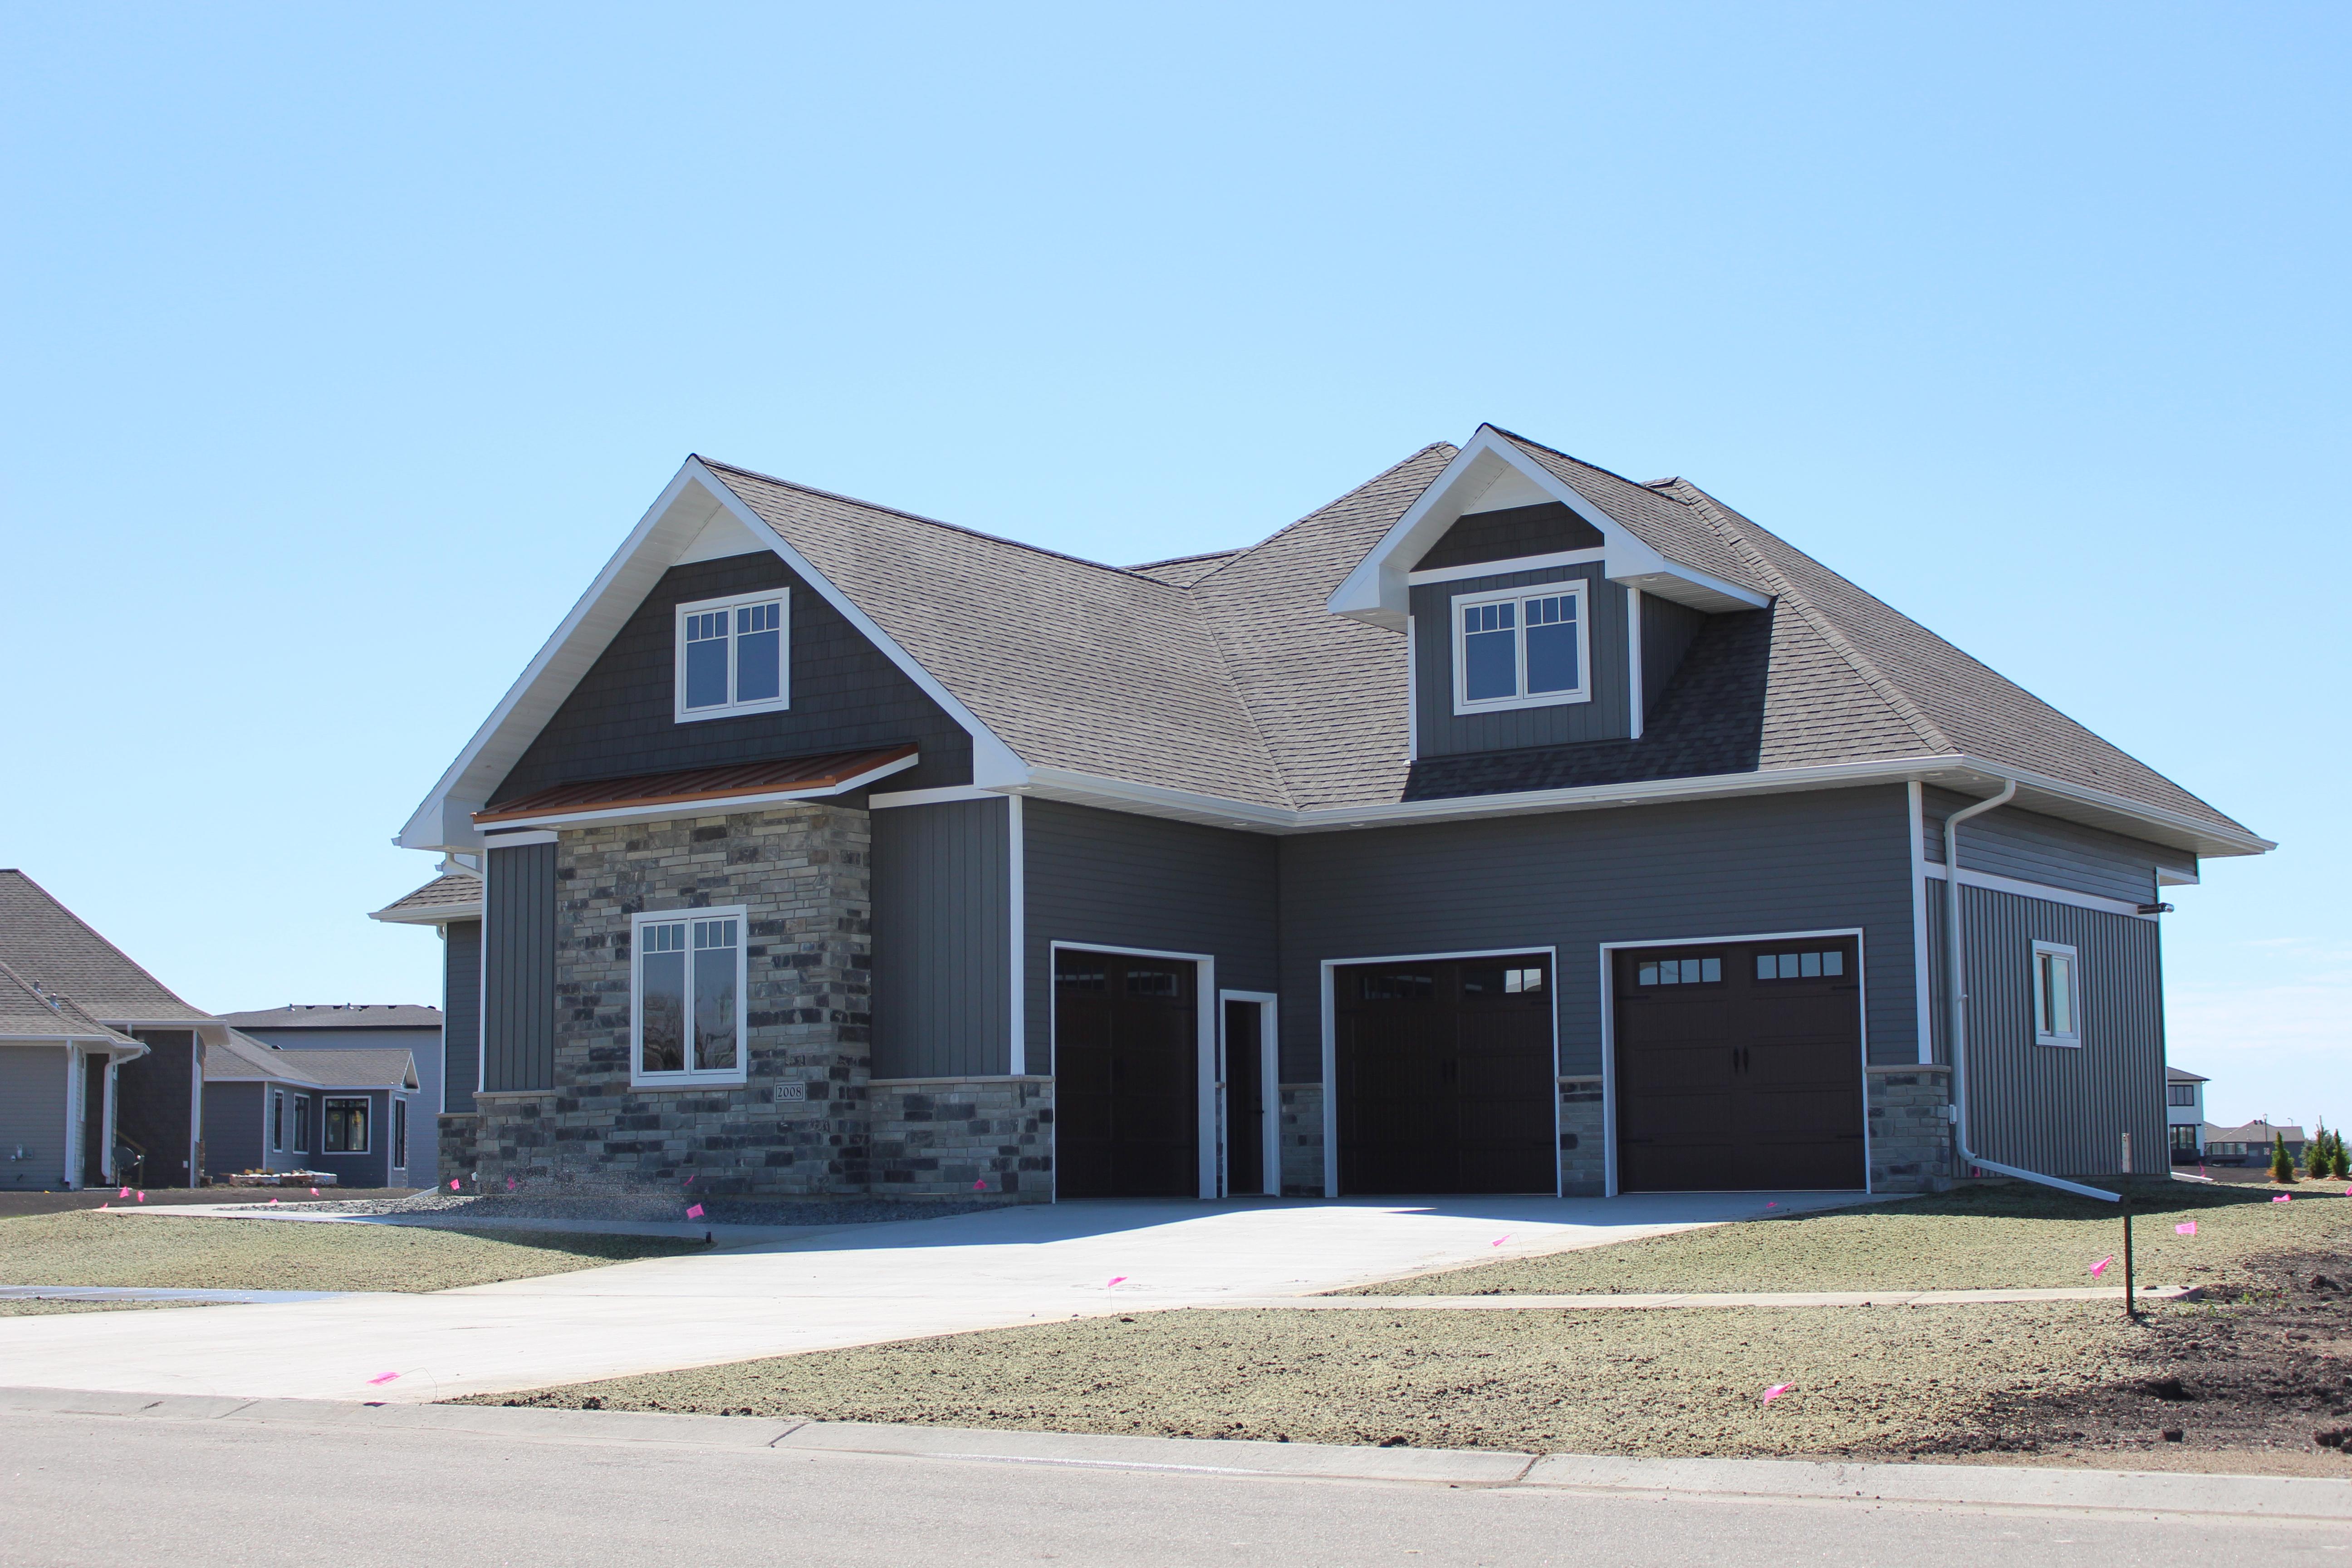 North dakota richland county walcott 58077 - North Dakota Richland County Walcott 58077 16